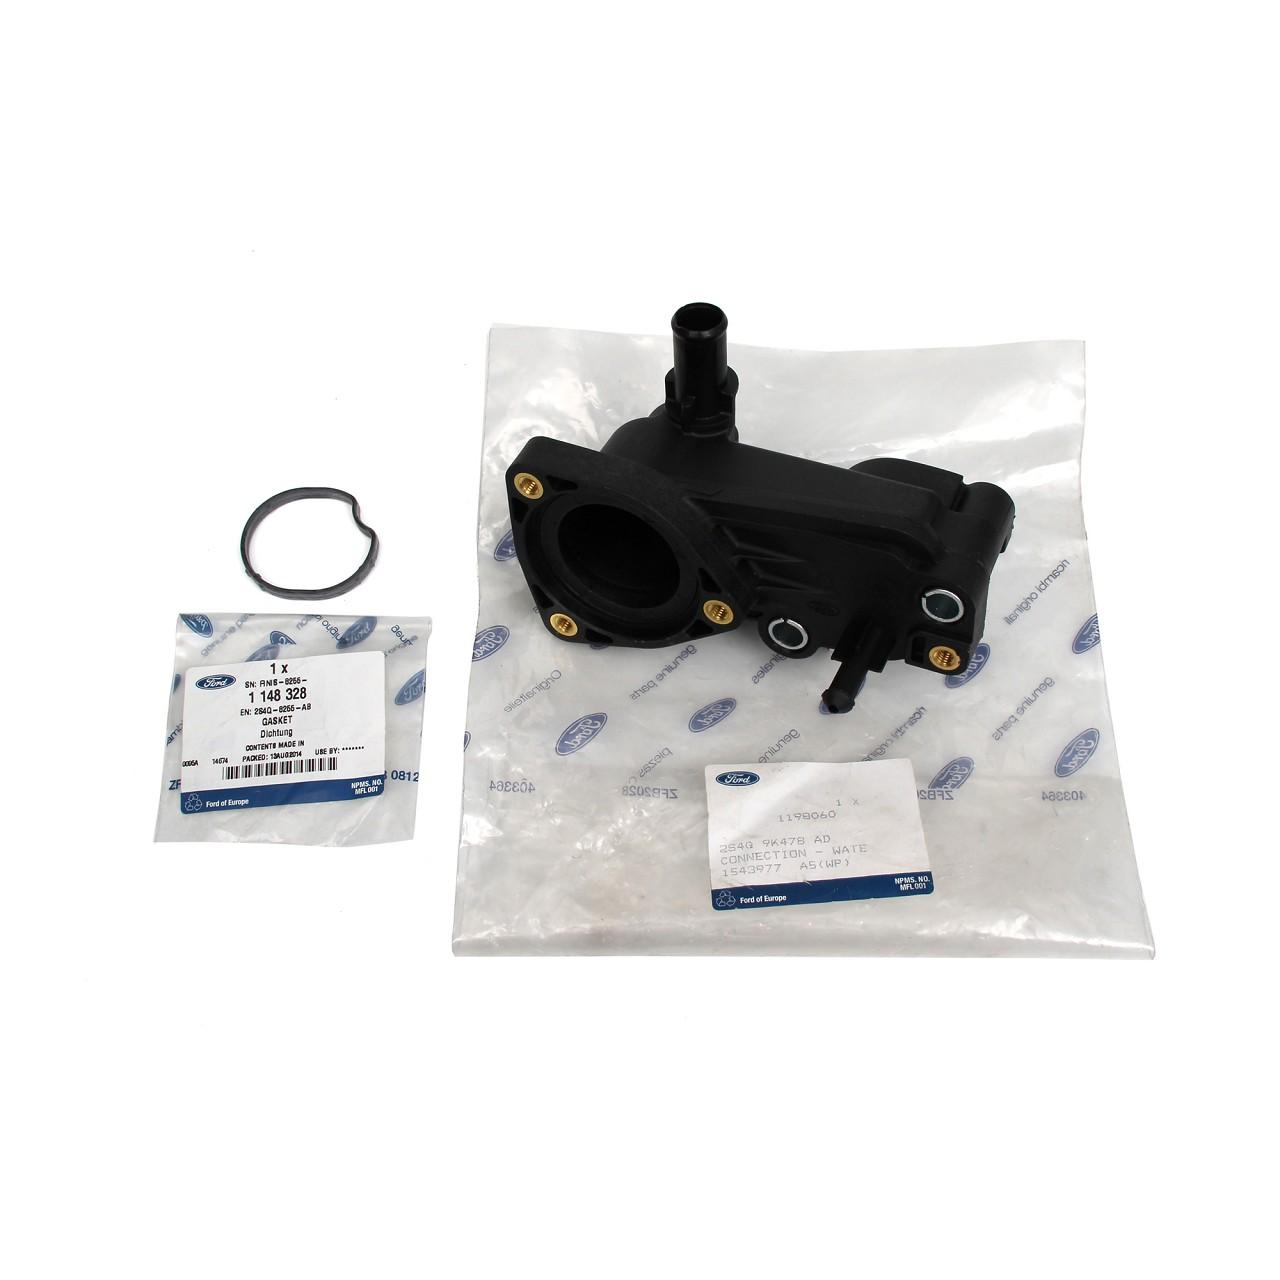 ORIGINAL Ford Wasserflansch Thermostatgehäuse FOCUS C-MAX MONDEO 1.8TDCi 1198060